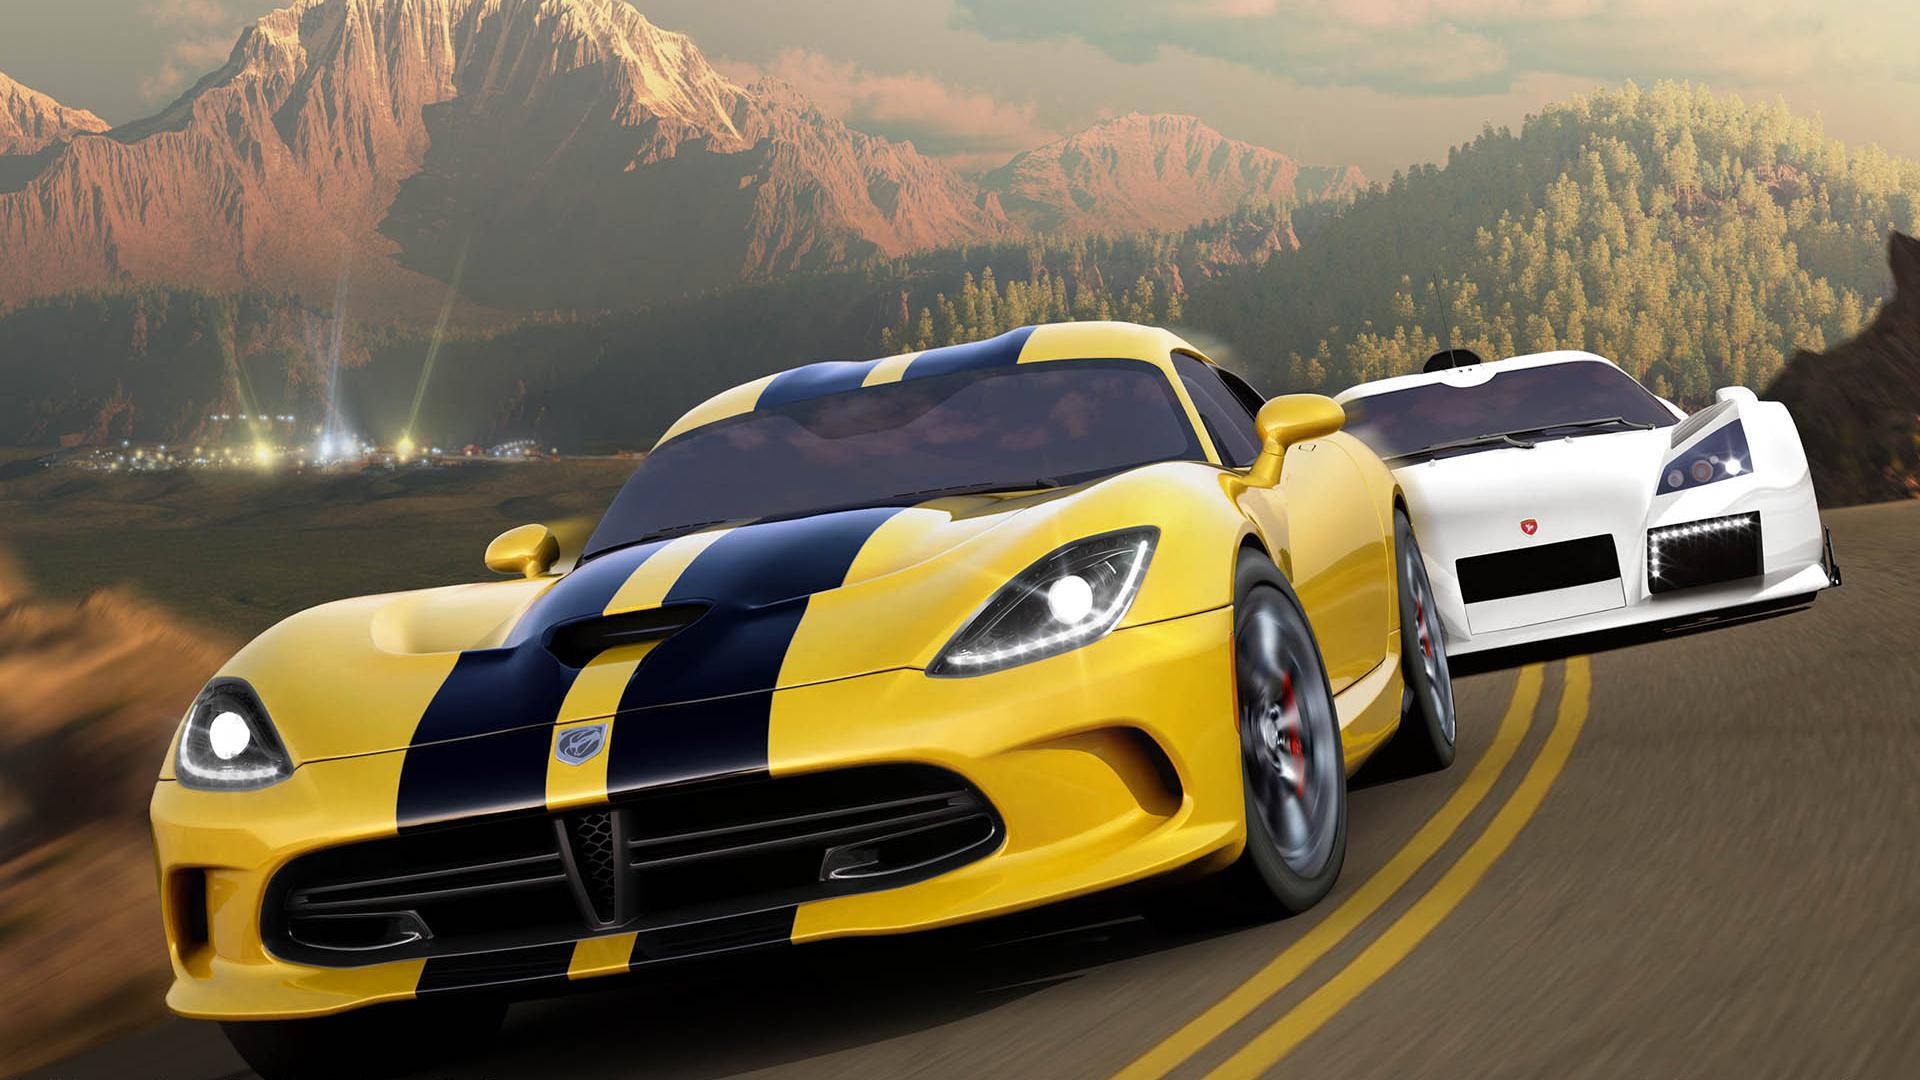 Десятилетие серии Forza: Часть 2: Horizon. - Изображение 2